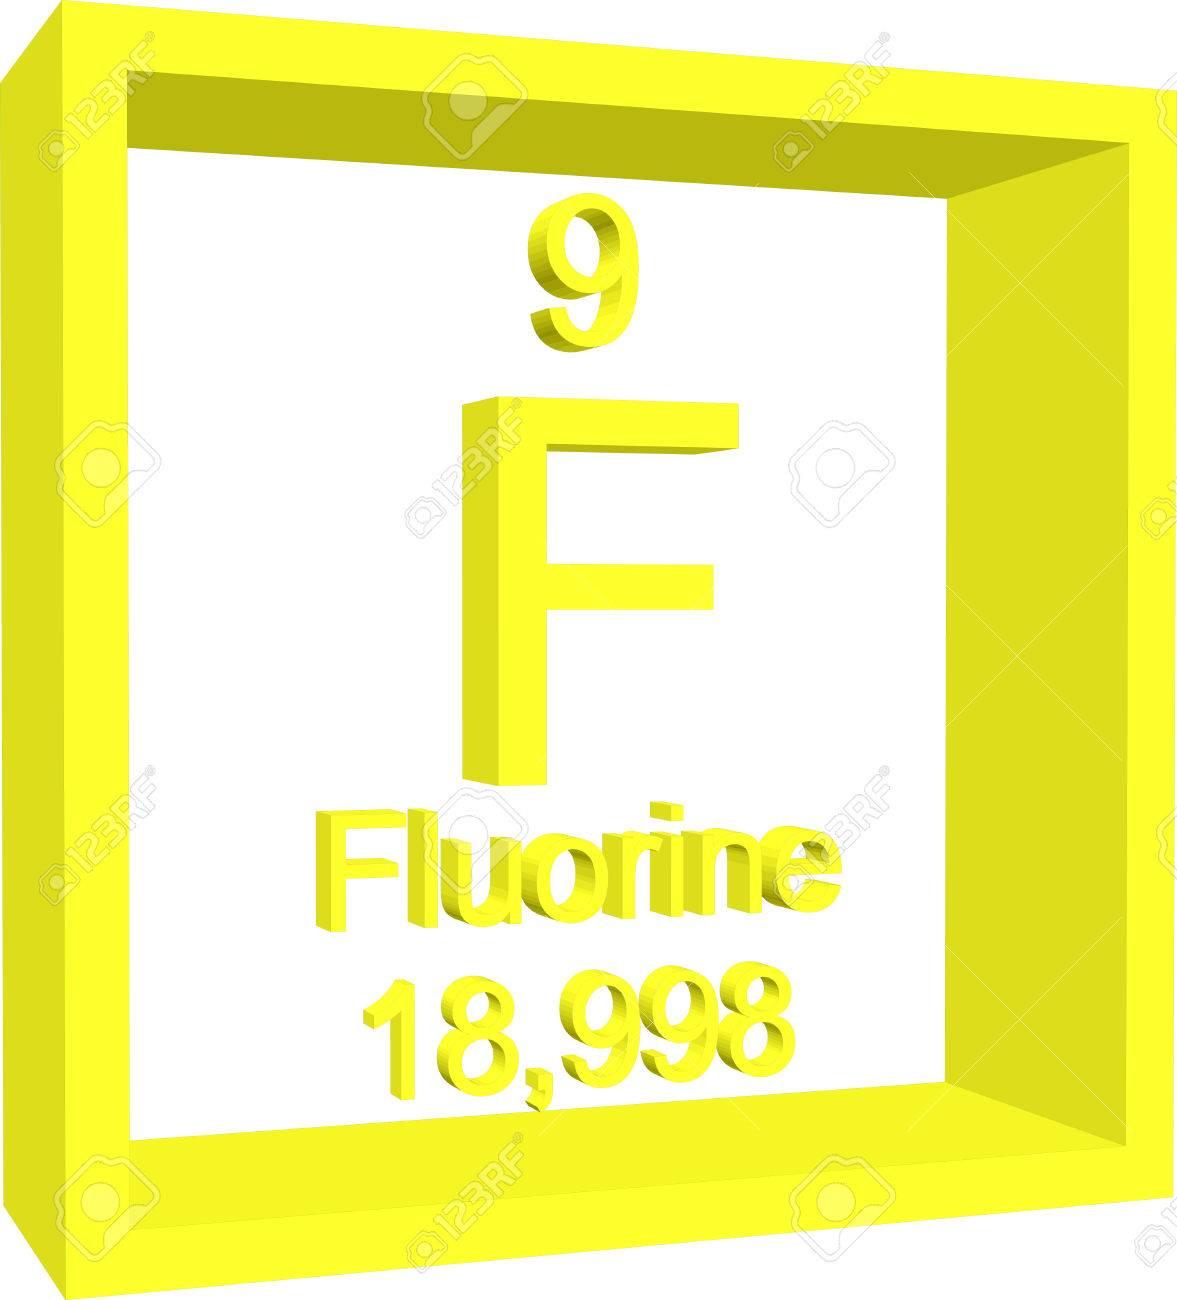 Tabla peridica de los elementos flor ilustraciones vectoriales foto de archivo tabla peridica de los elementos flor urtaz Gallery